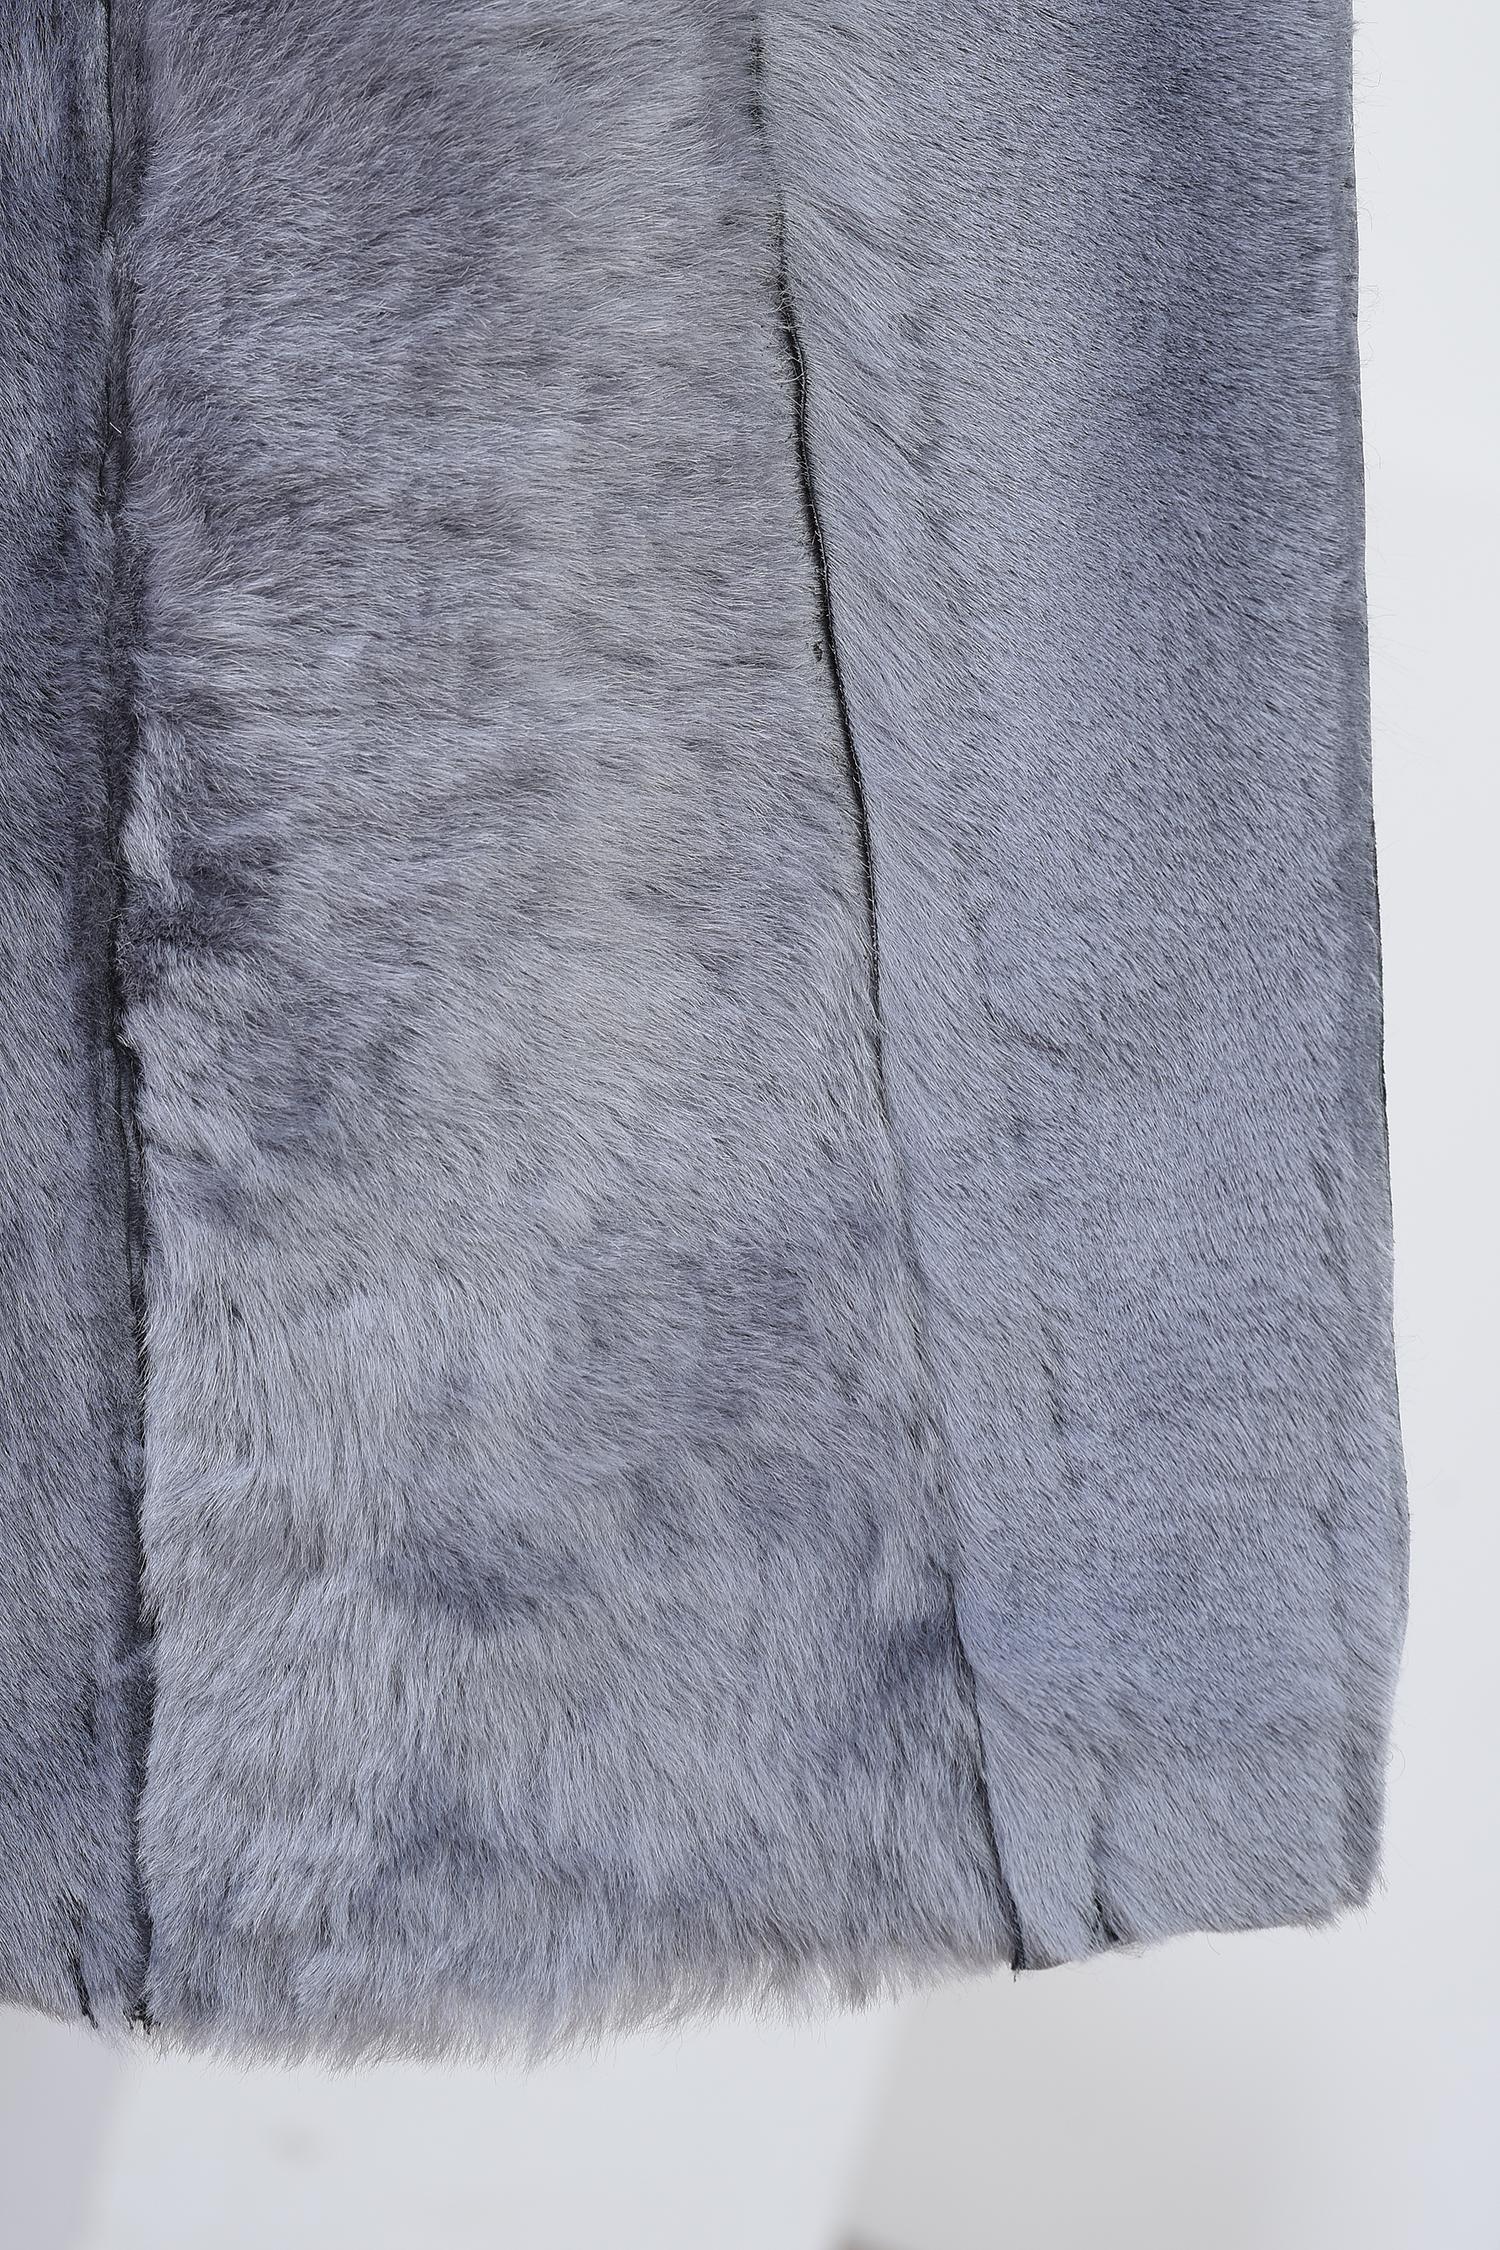 Дубленка мужская из натуральной овчины  с воротником, отделка норка